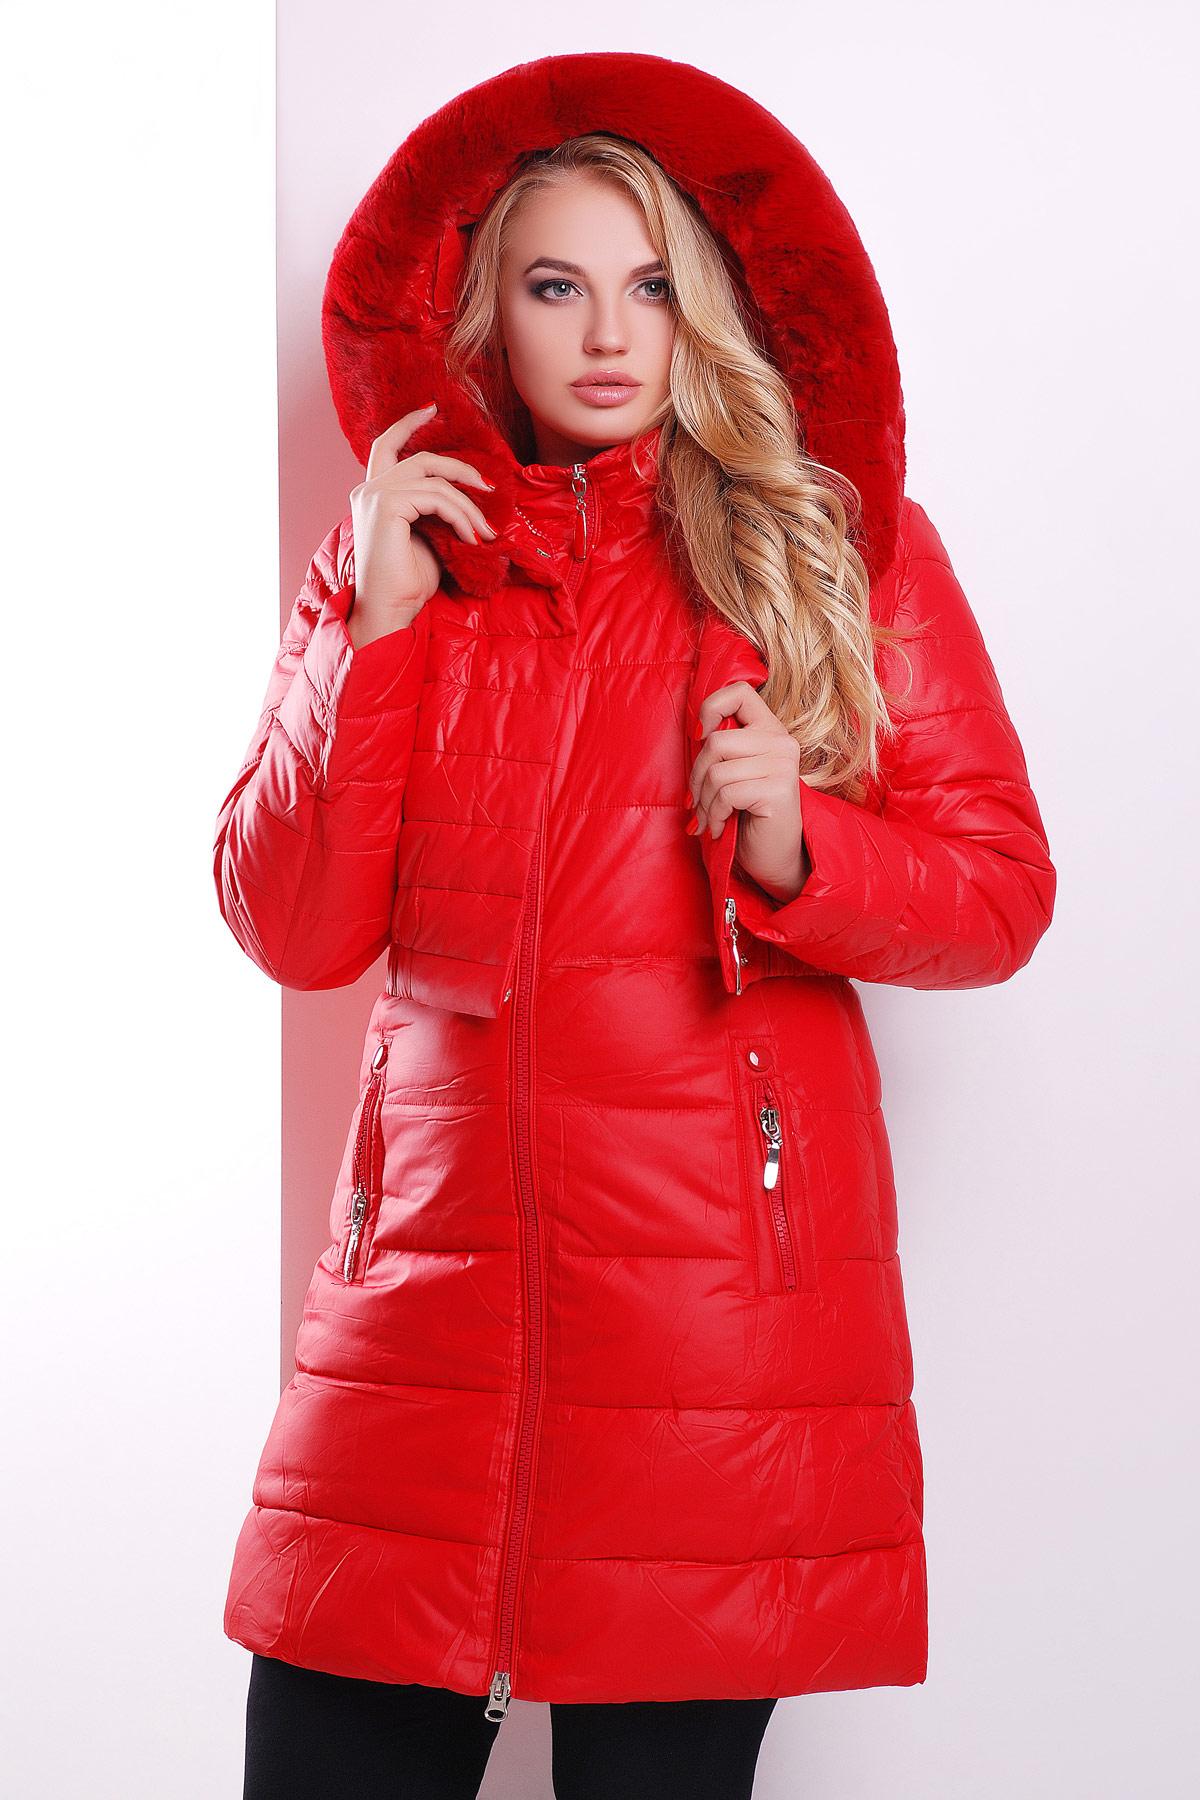 310111fcfa5 Зимняя куртка-двойка красного цвета. Куртка 13. Цвет  красный